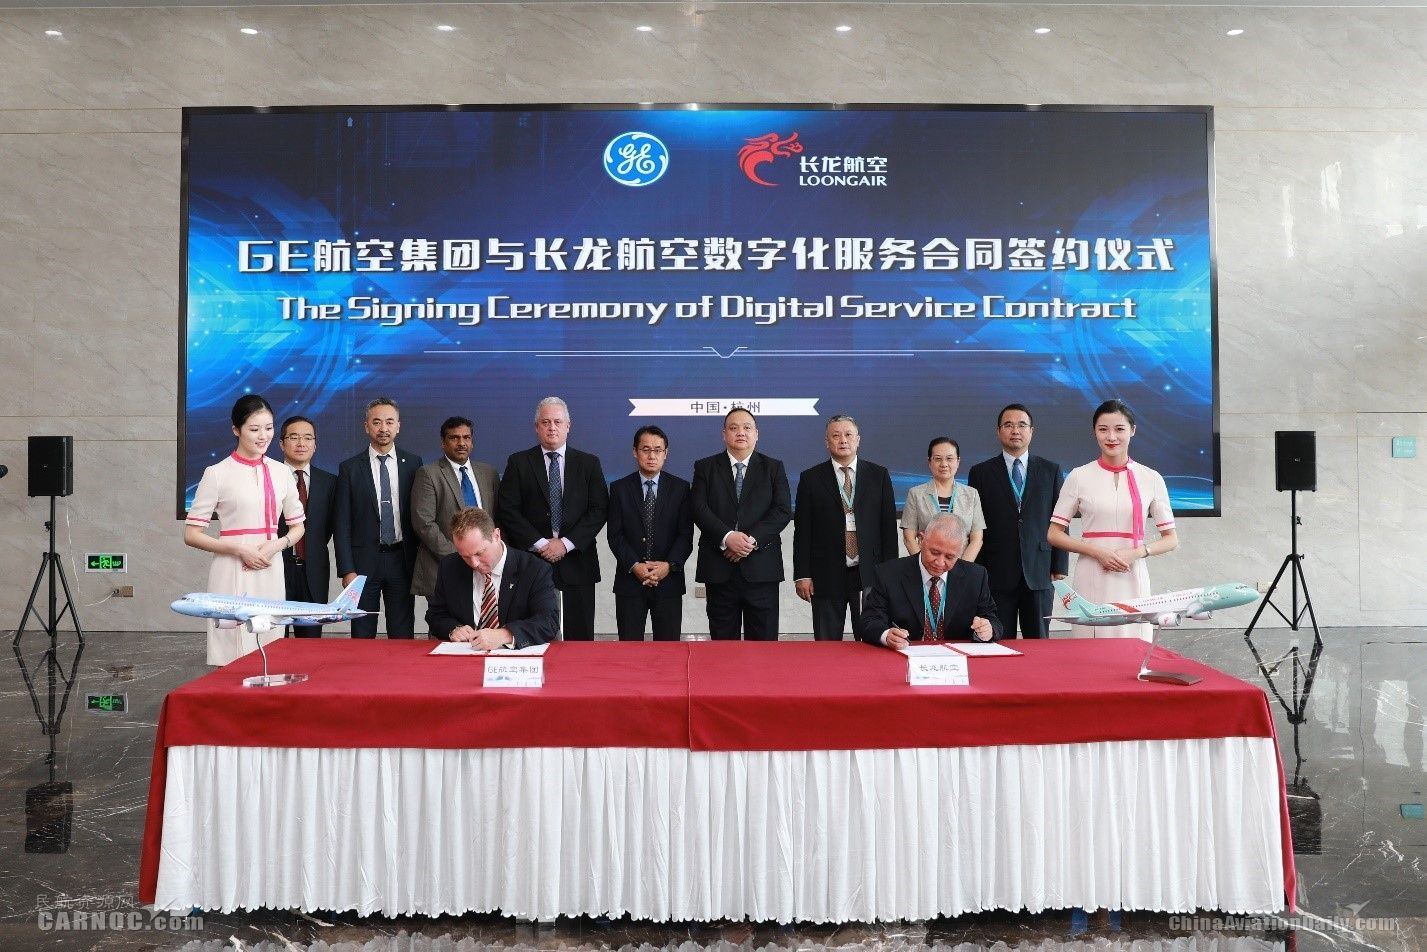 长龙航空与GE航空集团签署数字化解决方案协议